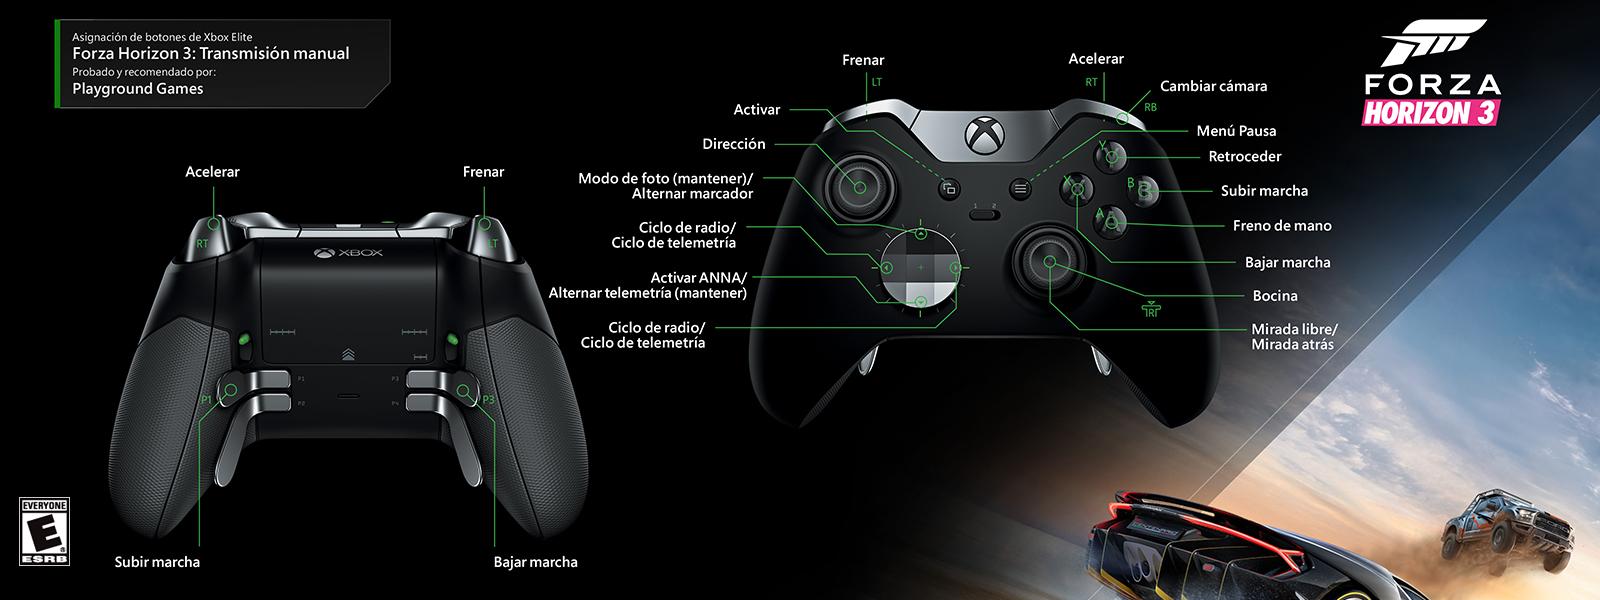 Forza Horizon 3: transmisión manual (asignación de funciones del control Elite)